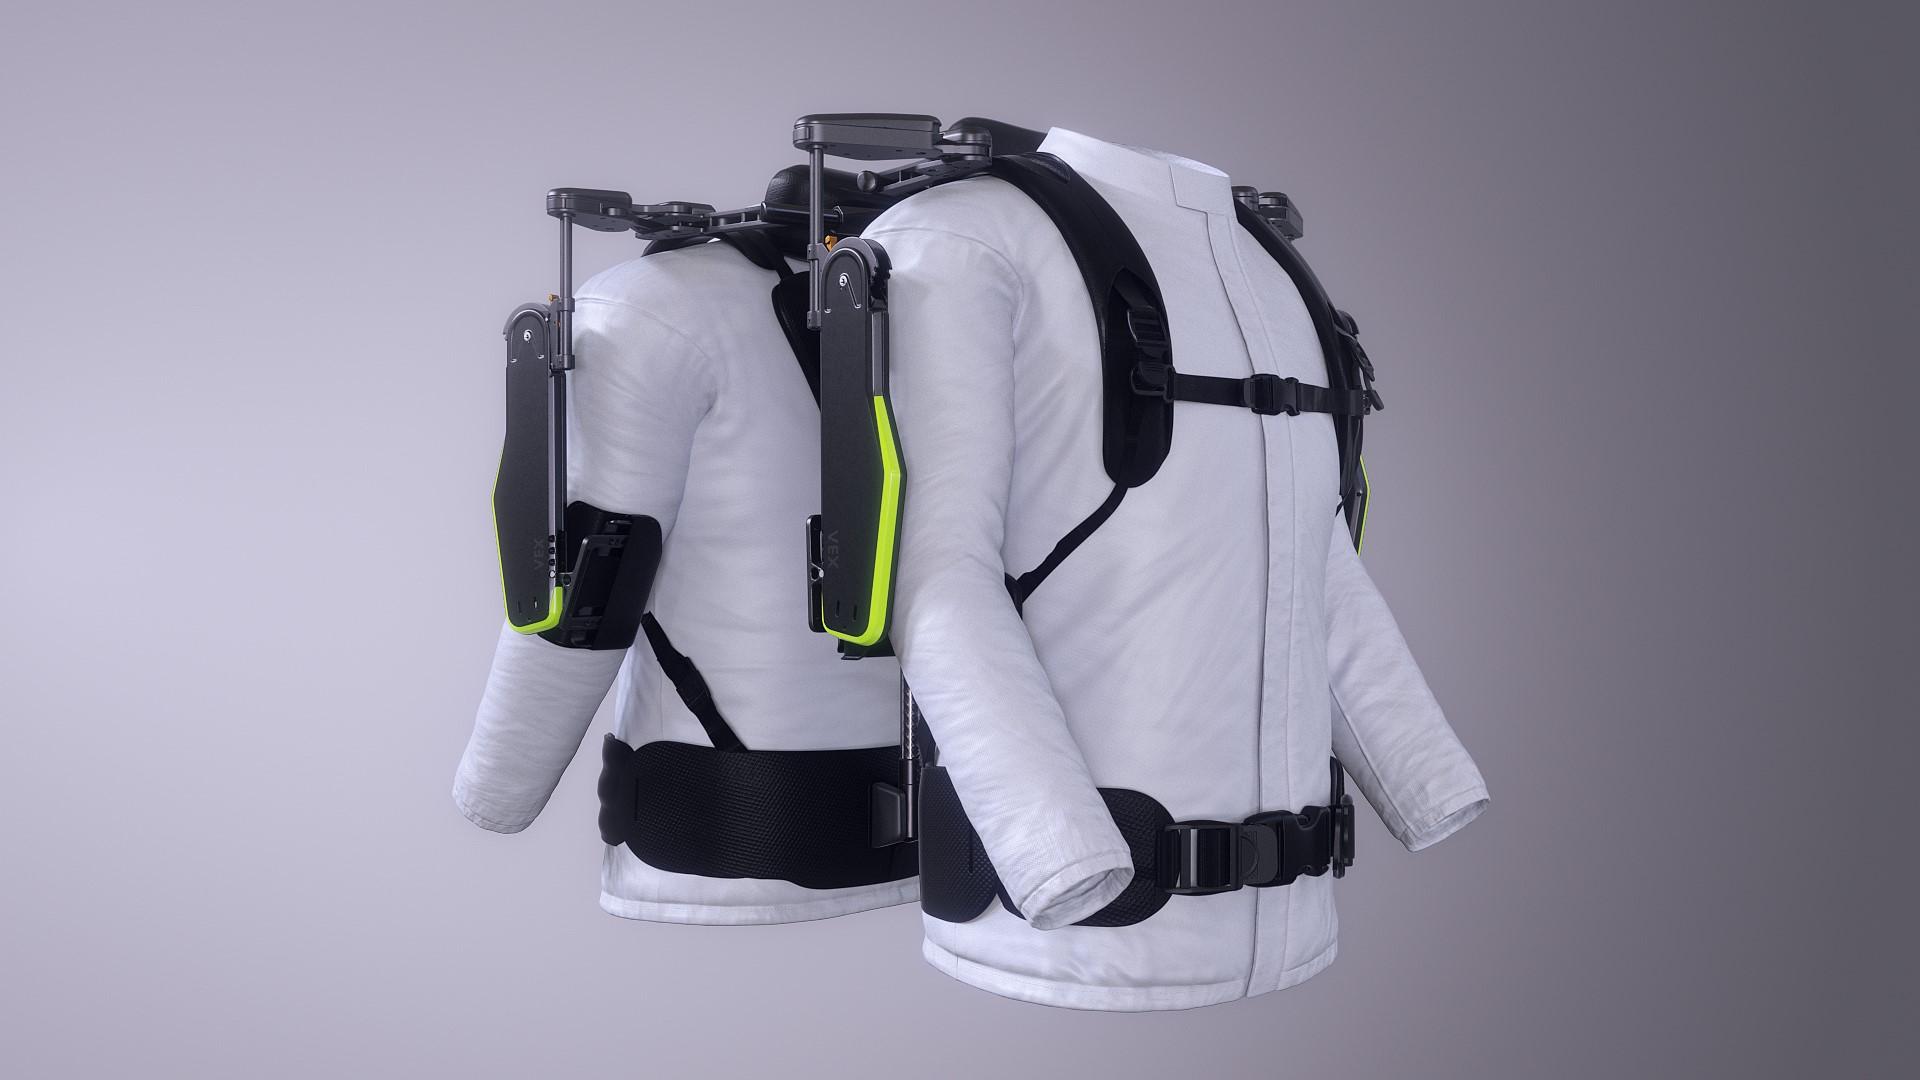 Hyundai-VEX-Vest-Exoskeleton-3